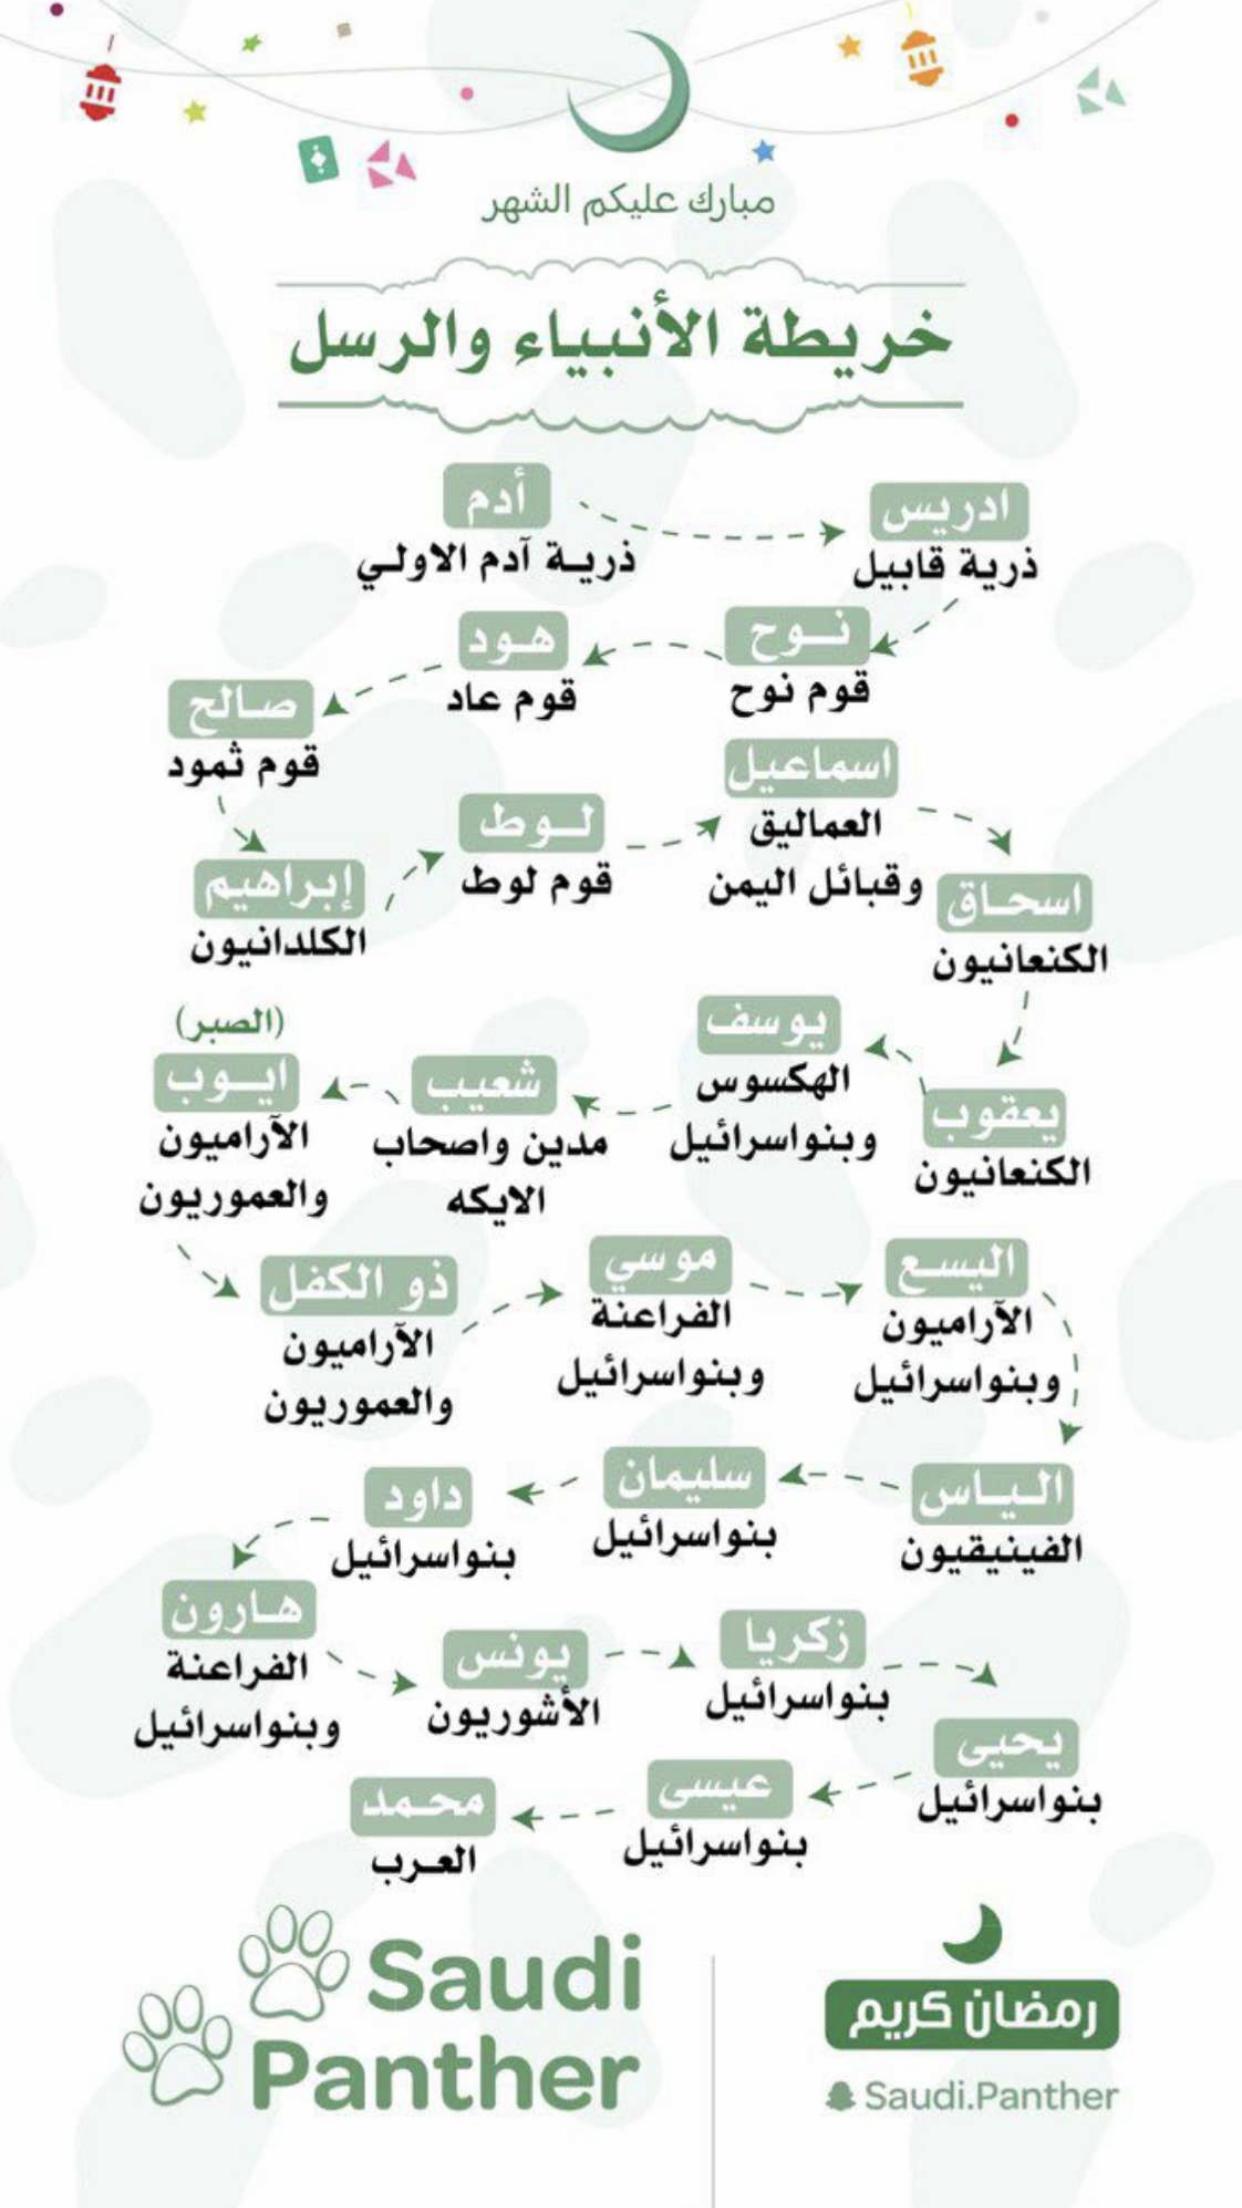 خريطة الانبياء والرسل Islamic Phrases Islam Facts Learn Islam